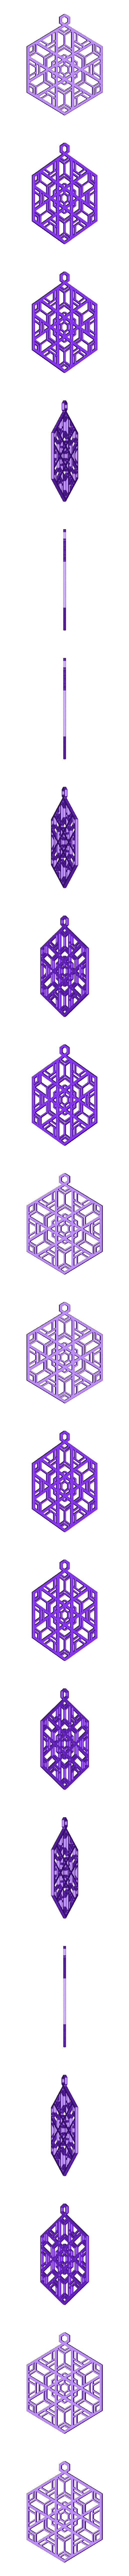 Ornament_C.obj Télécharger fichier OBJ gratuit Quatre ornements inspirés du vitrail • Design pour imprimante 3D, Not3dred